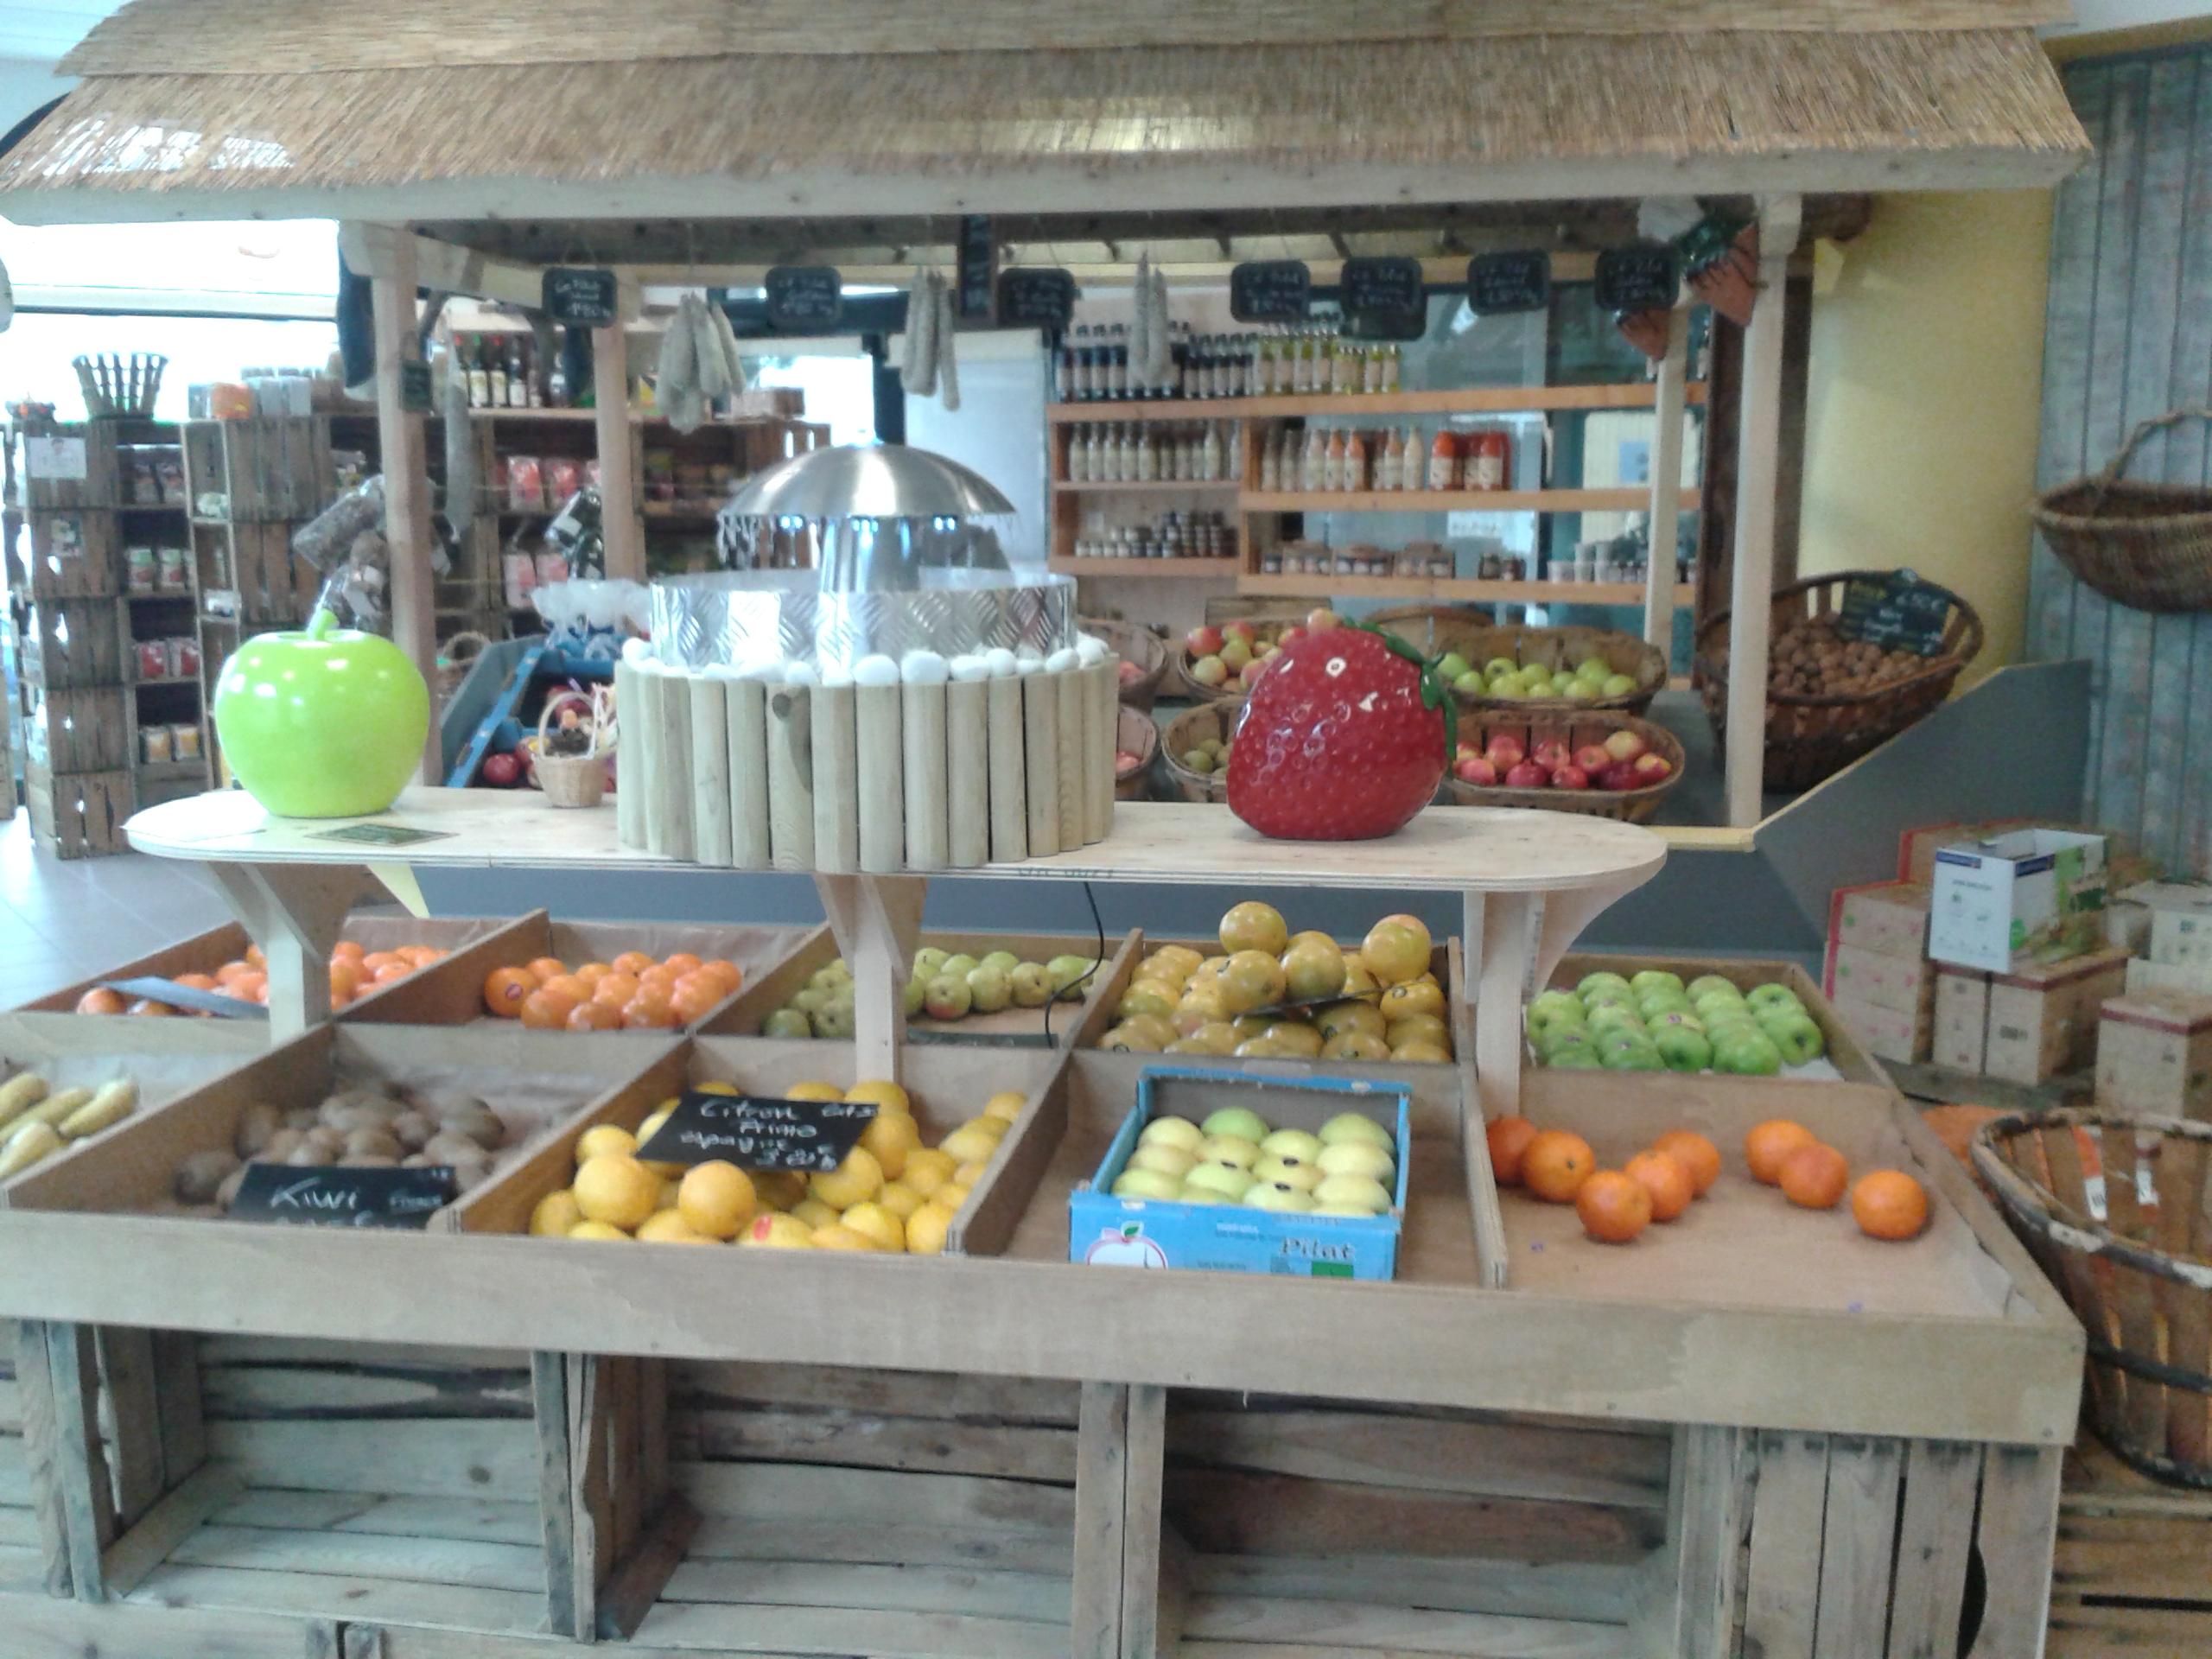 Fruits et légumes, spécialités de champignons frais et de fruits rouges à Saint-Bonnet-le-Froid